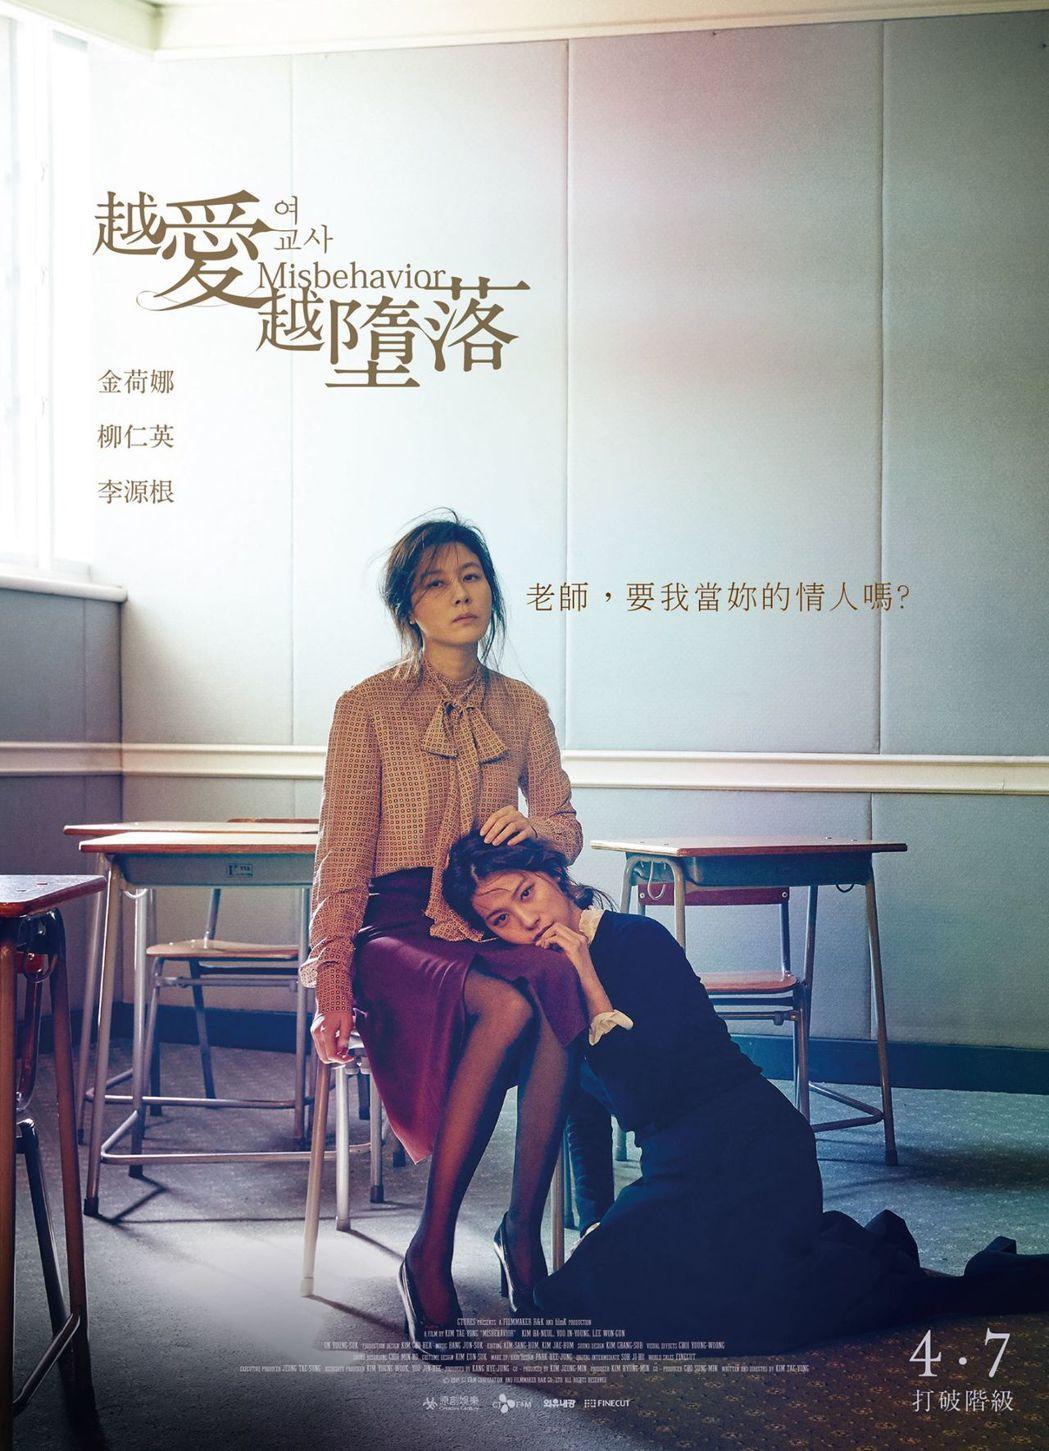 金荷娜主演的韓劇「通往機場的路」去年底在韓國播映時,引起熱烈迴響。 圖/擷自原創